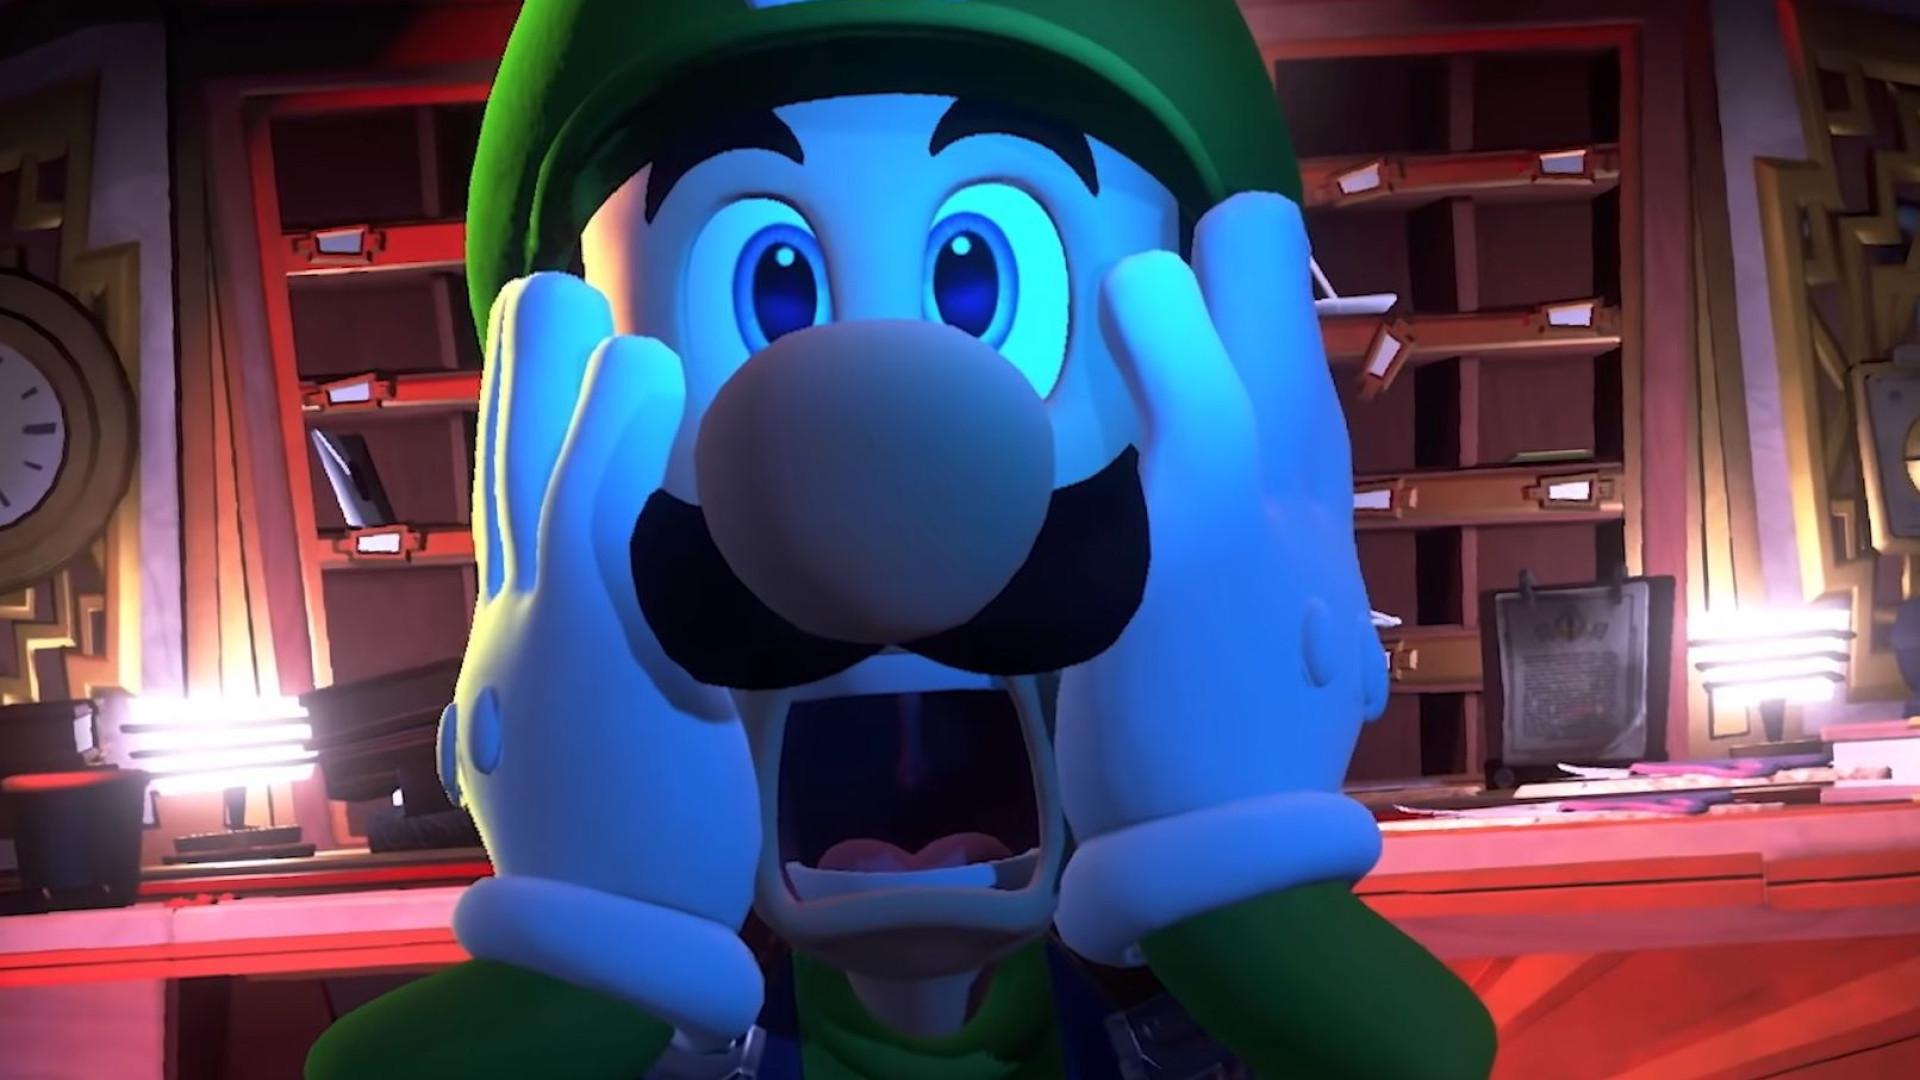 O irmão de Mario, Luigi, voltará a ser protagonista do seu próprio jogo